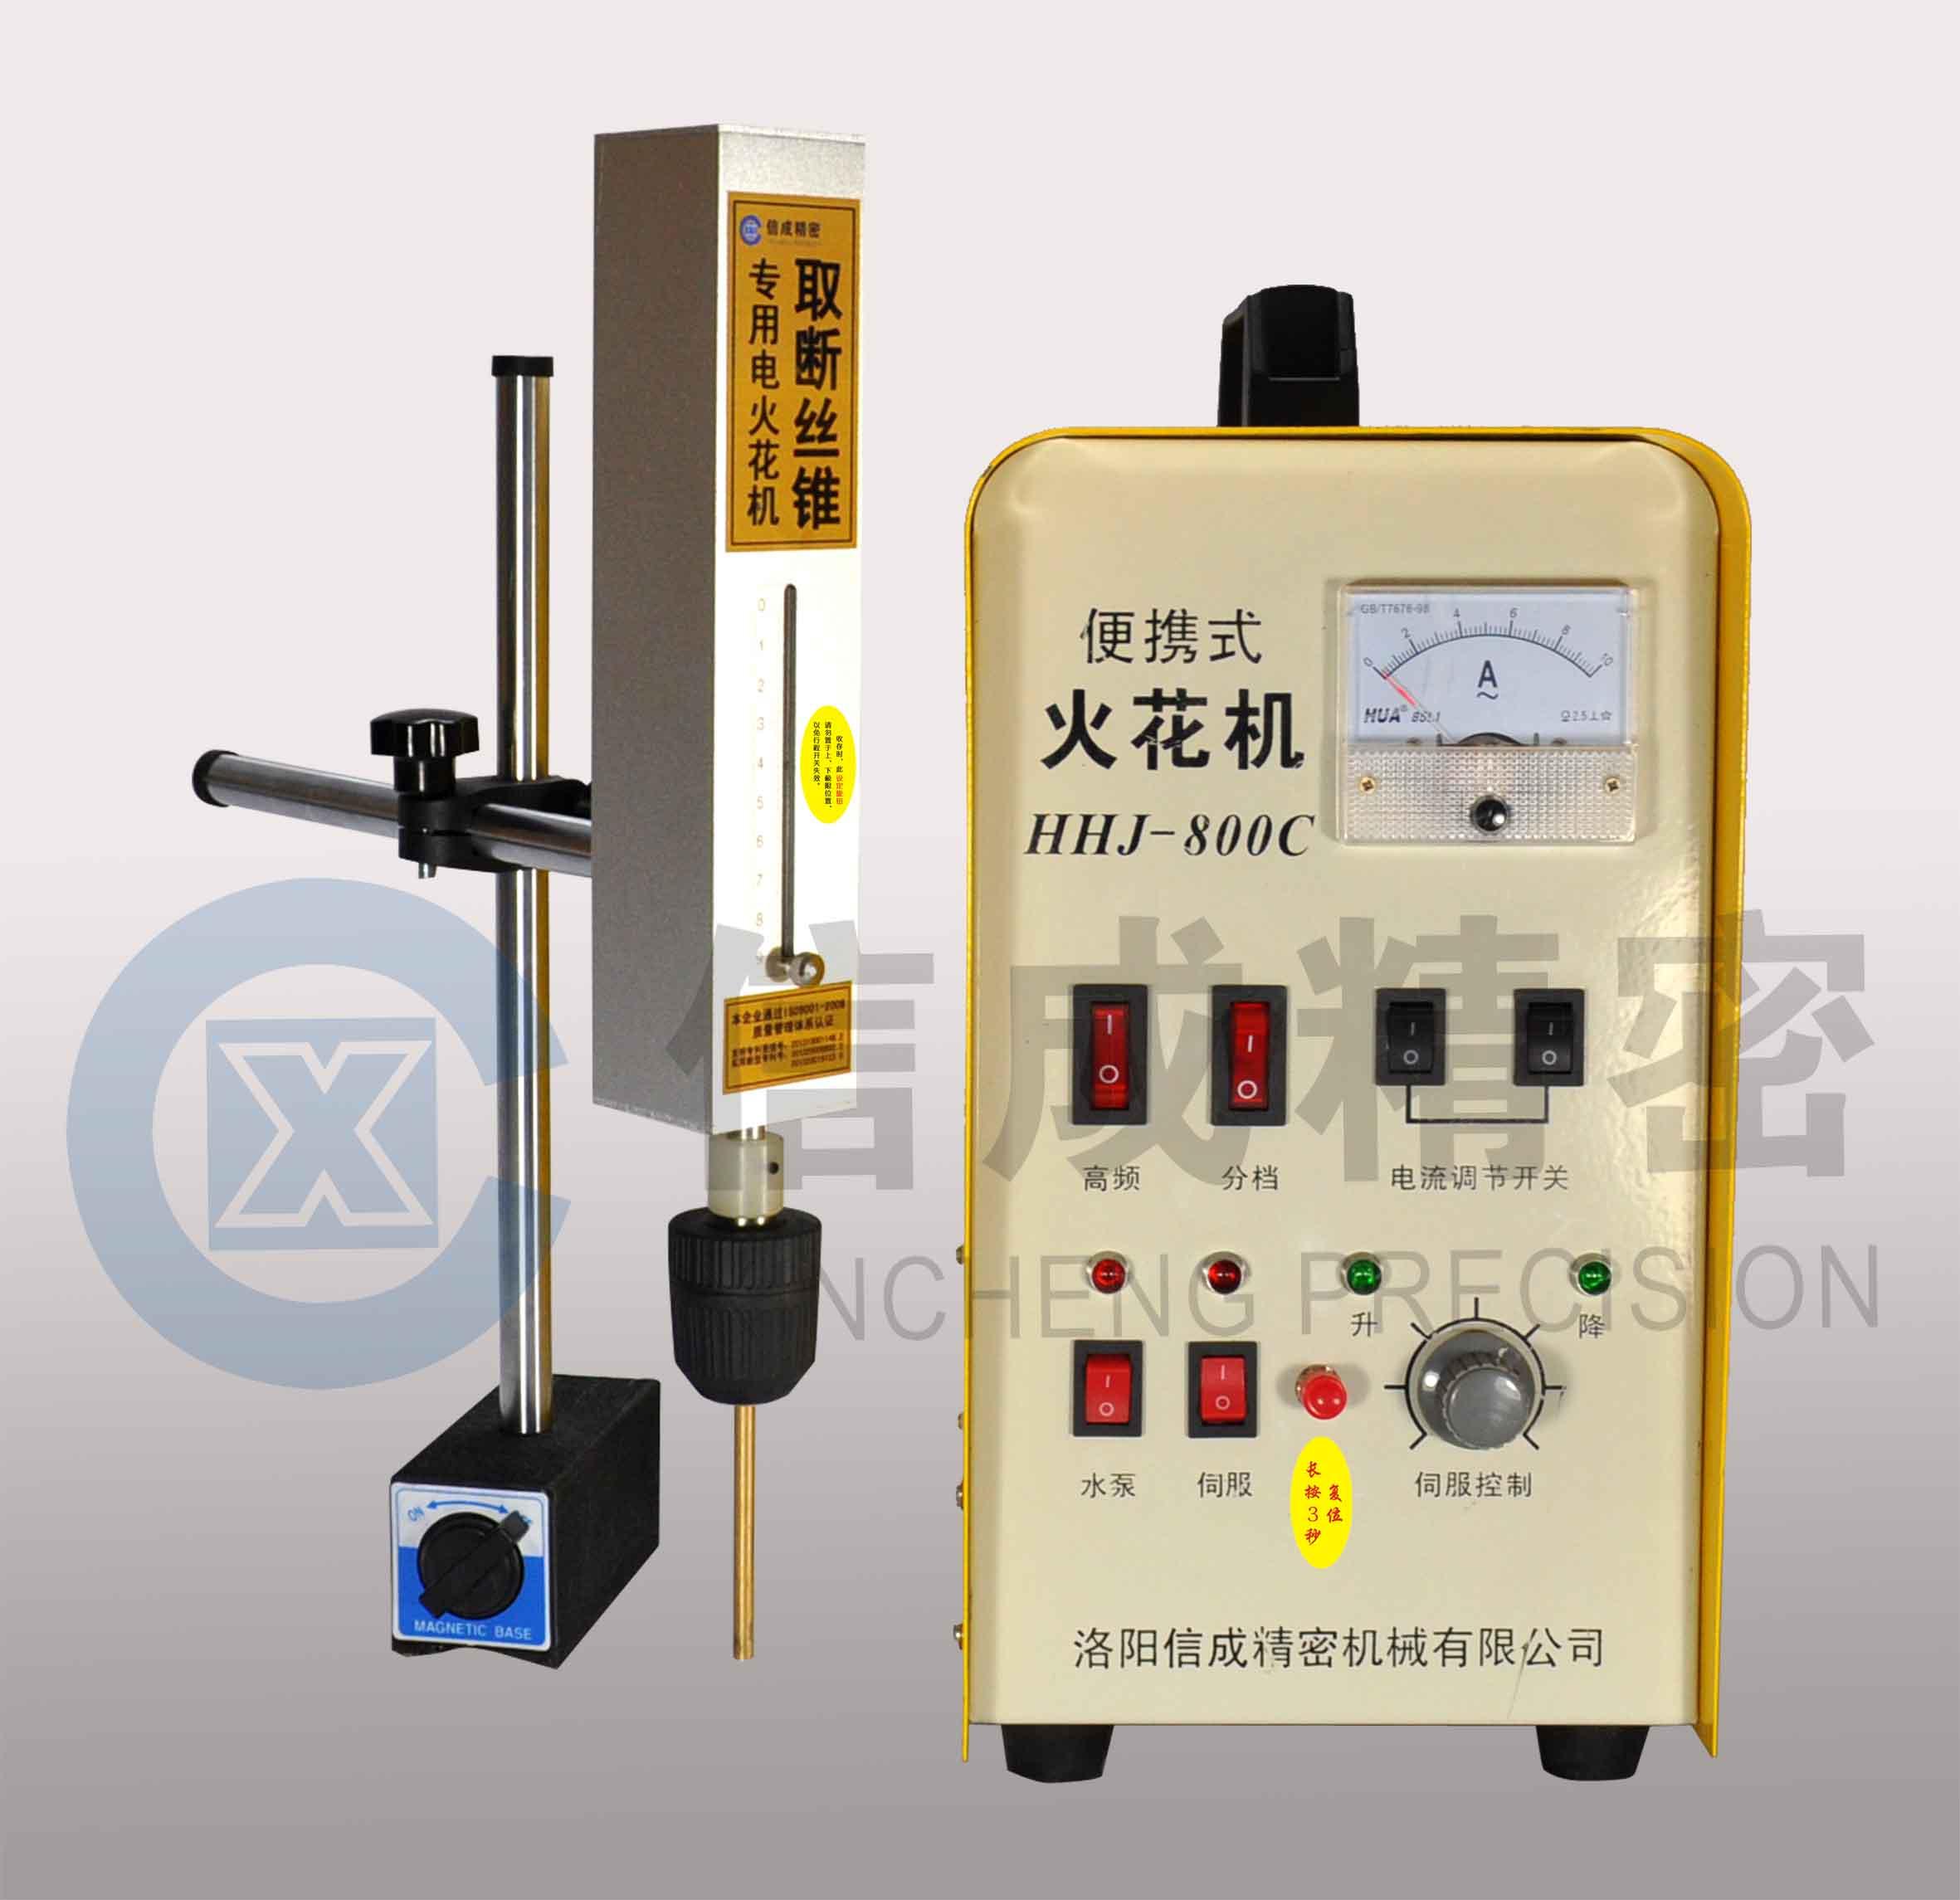 取丝锥|便携式电火花机|取断丝锥机hhj800c